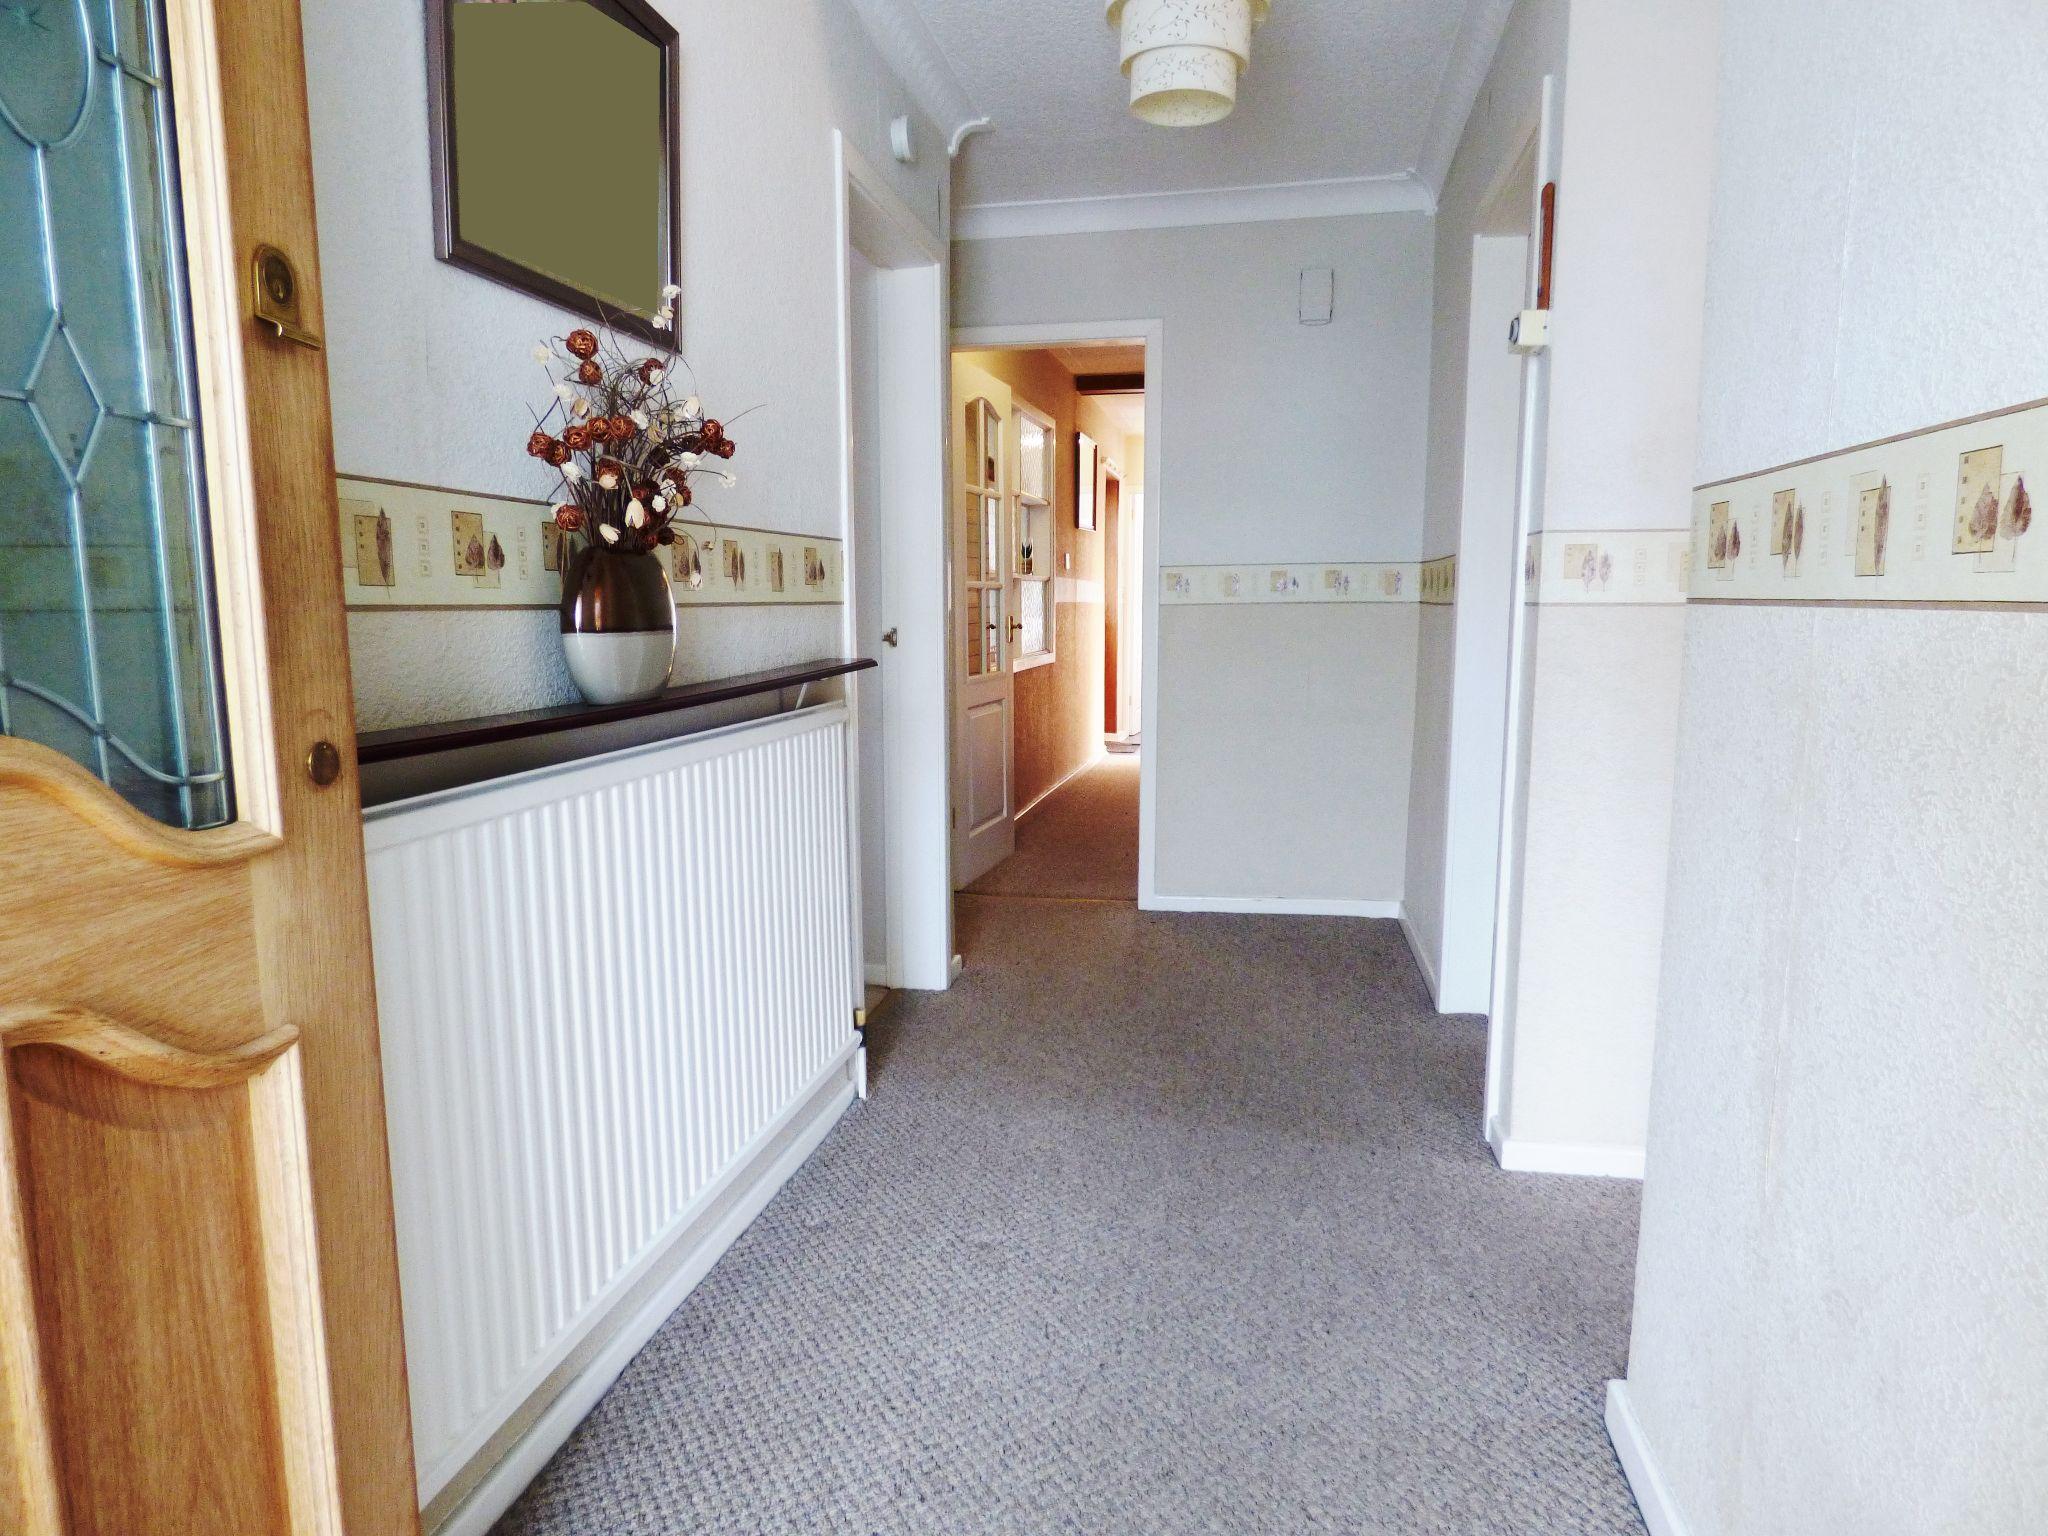 4 Bedroom Detached Bungalow For Sale - Hallway